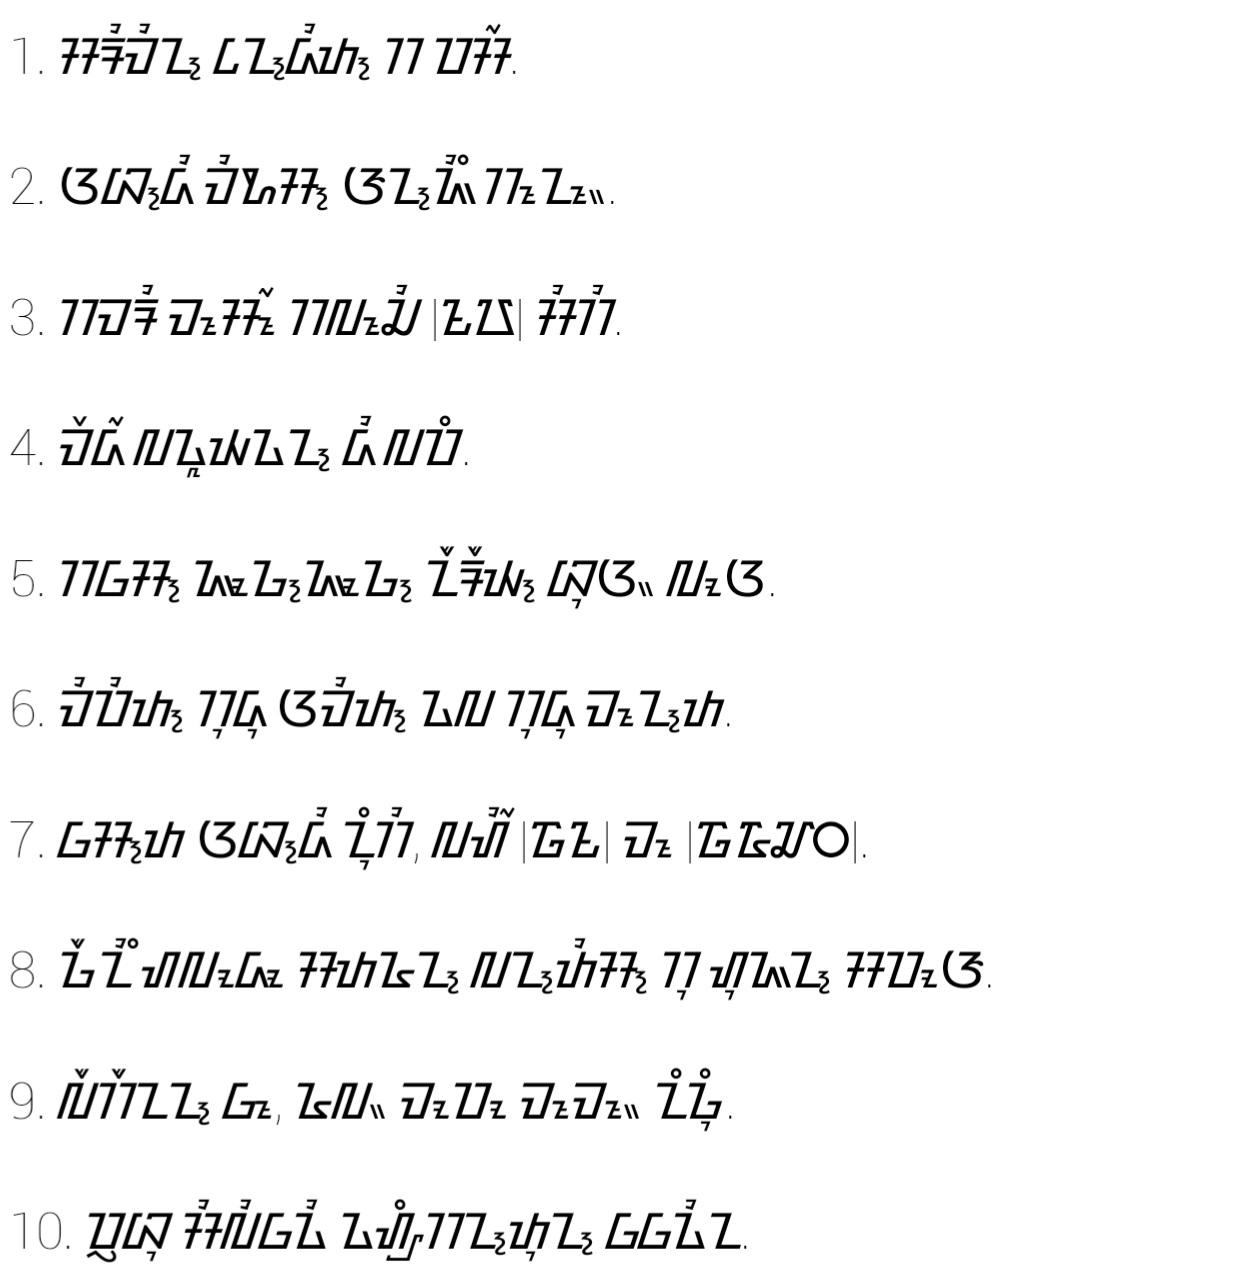 Latihan menyalin kalimat aksara Sunda kaganga